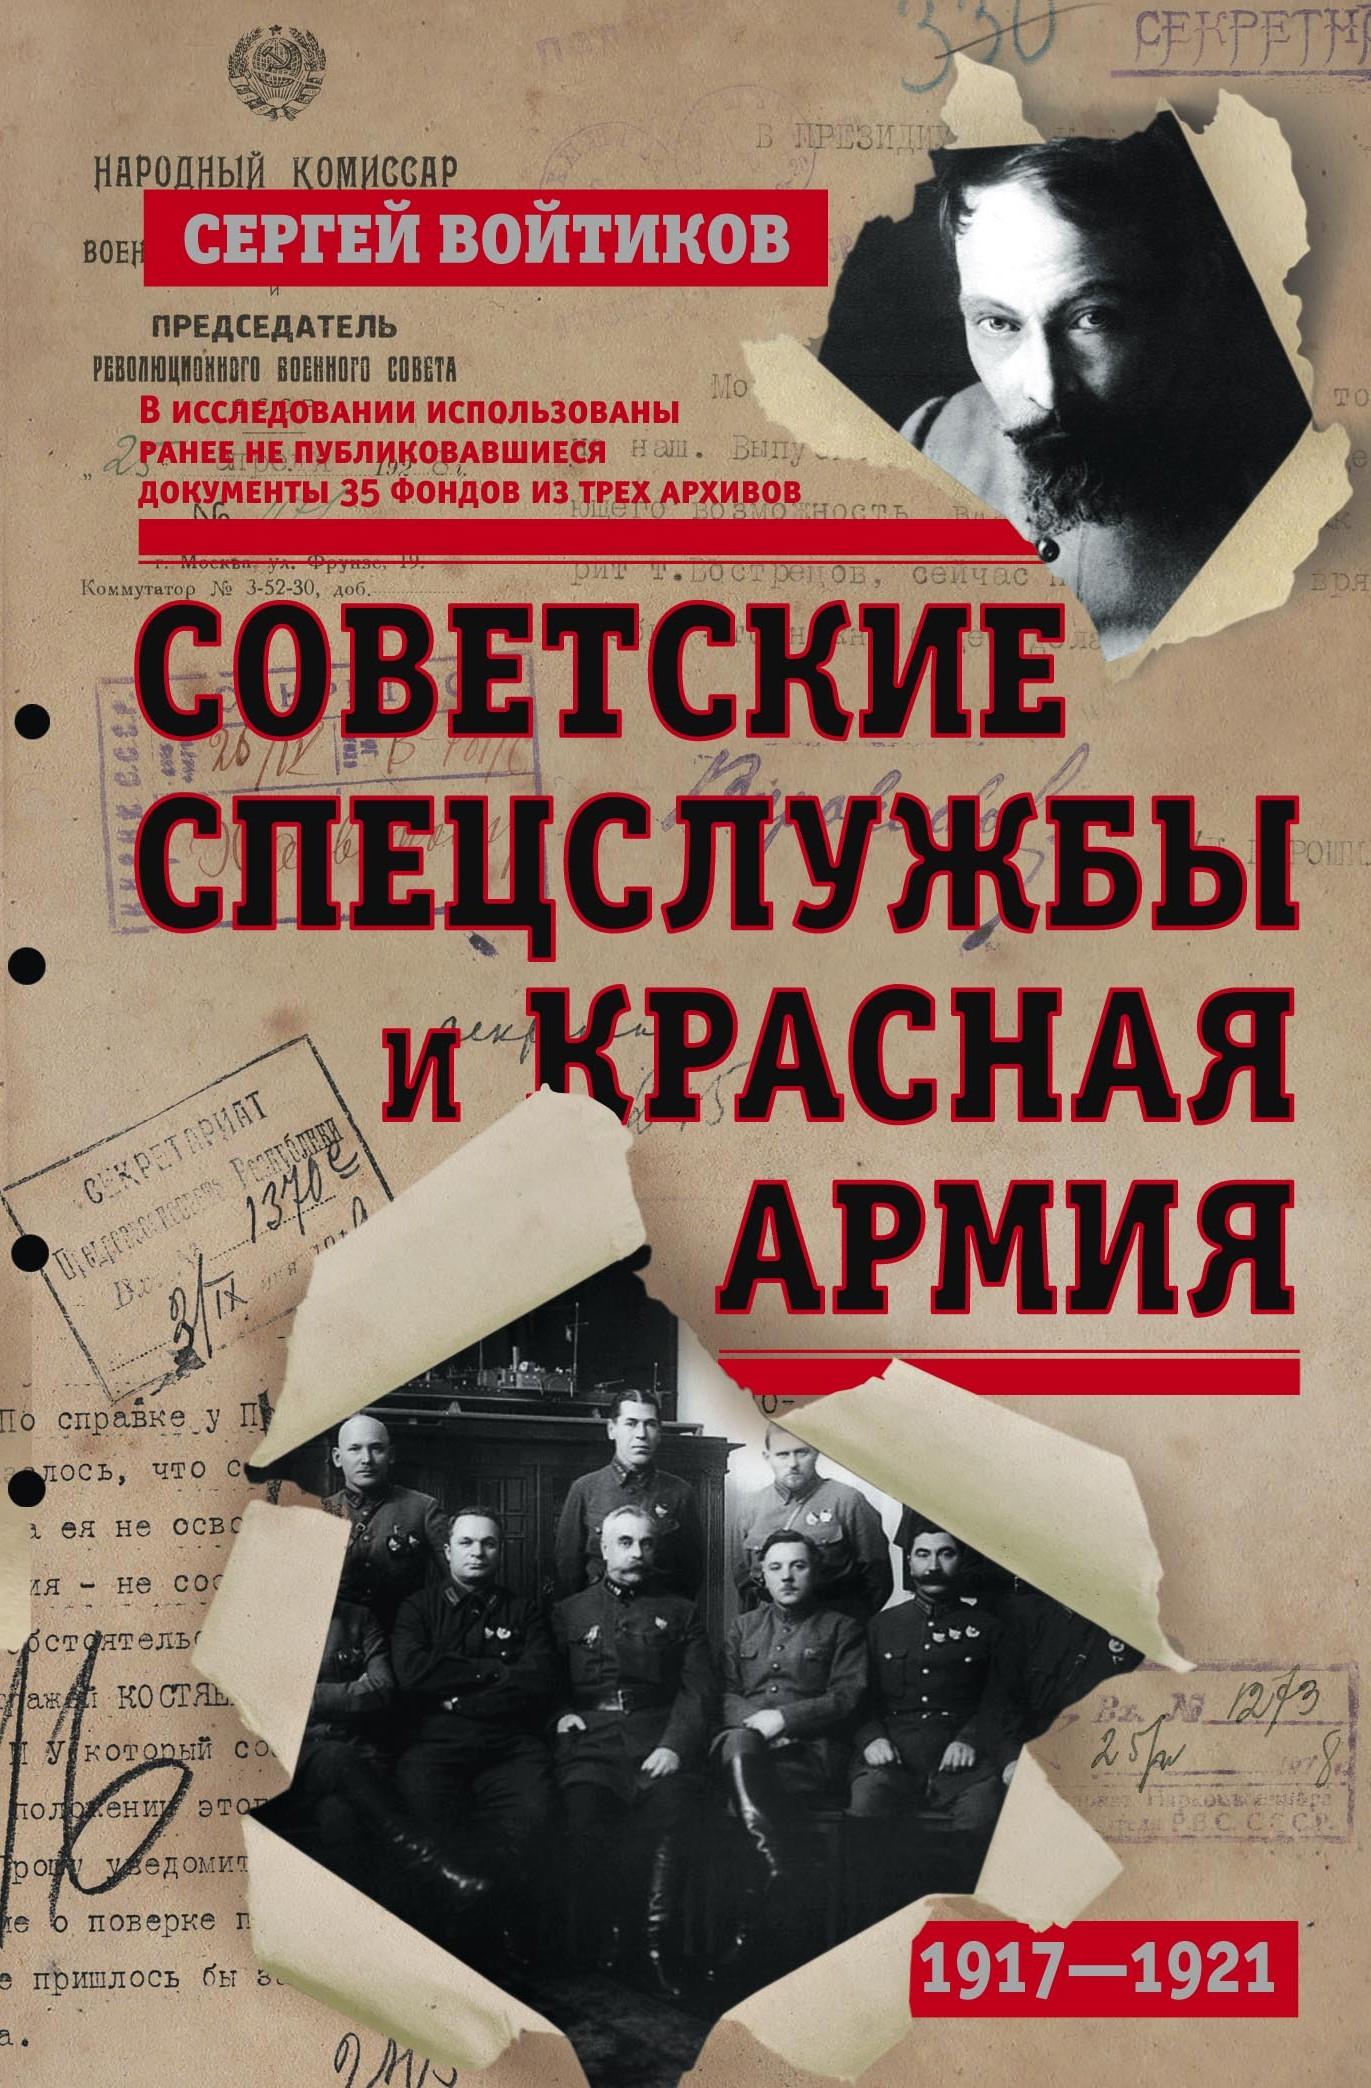 Сергей Войтиков Советские спецслужбы и Красная армия войтиков с советские спецслужбы и красная армия 1917 1921